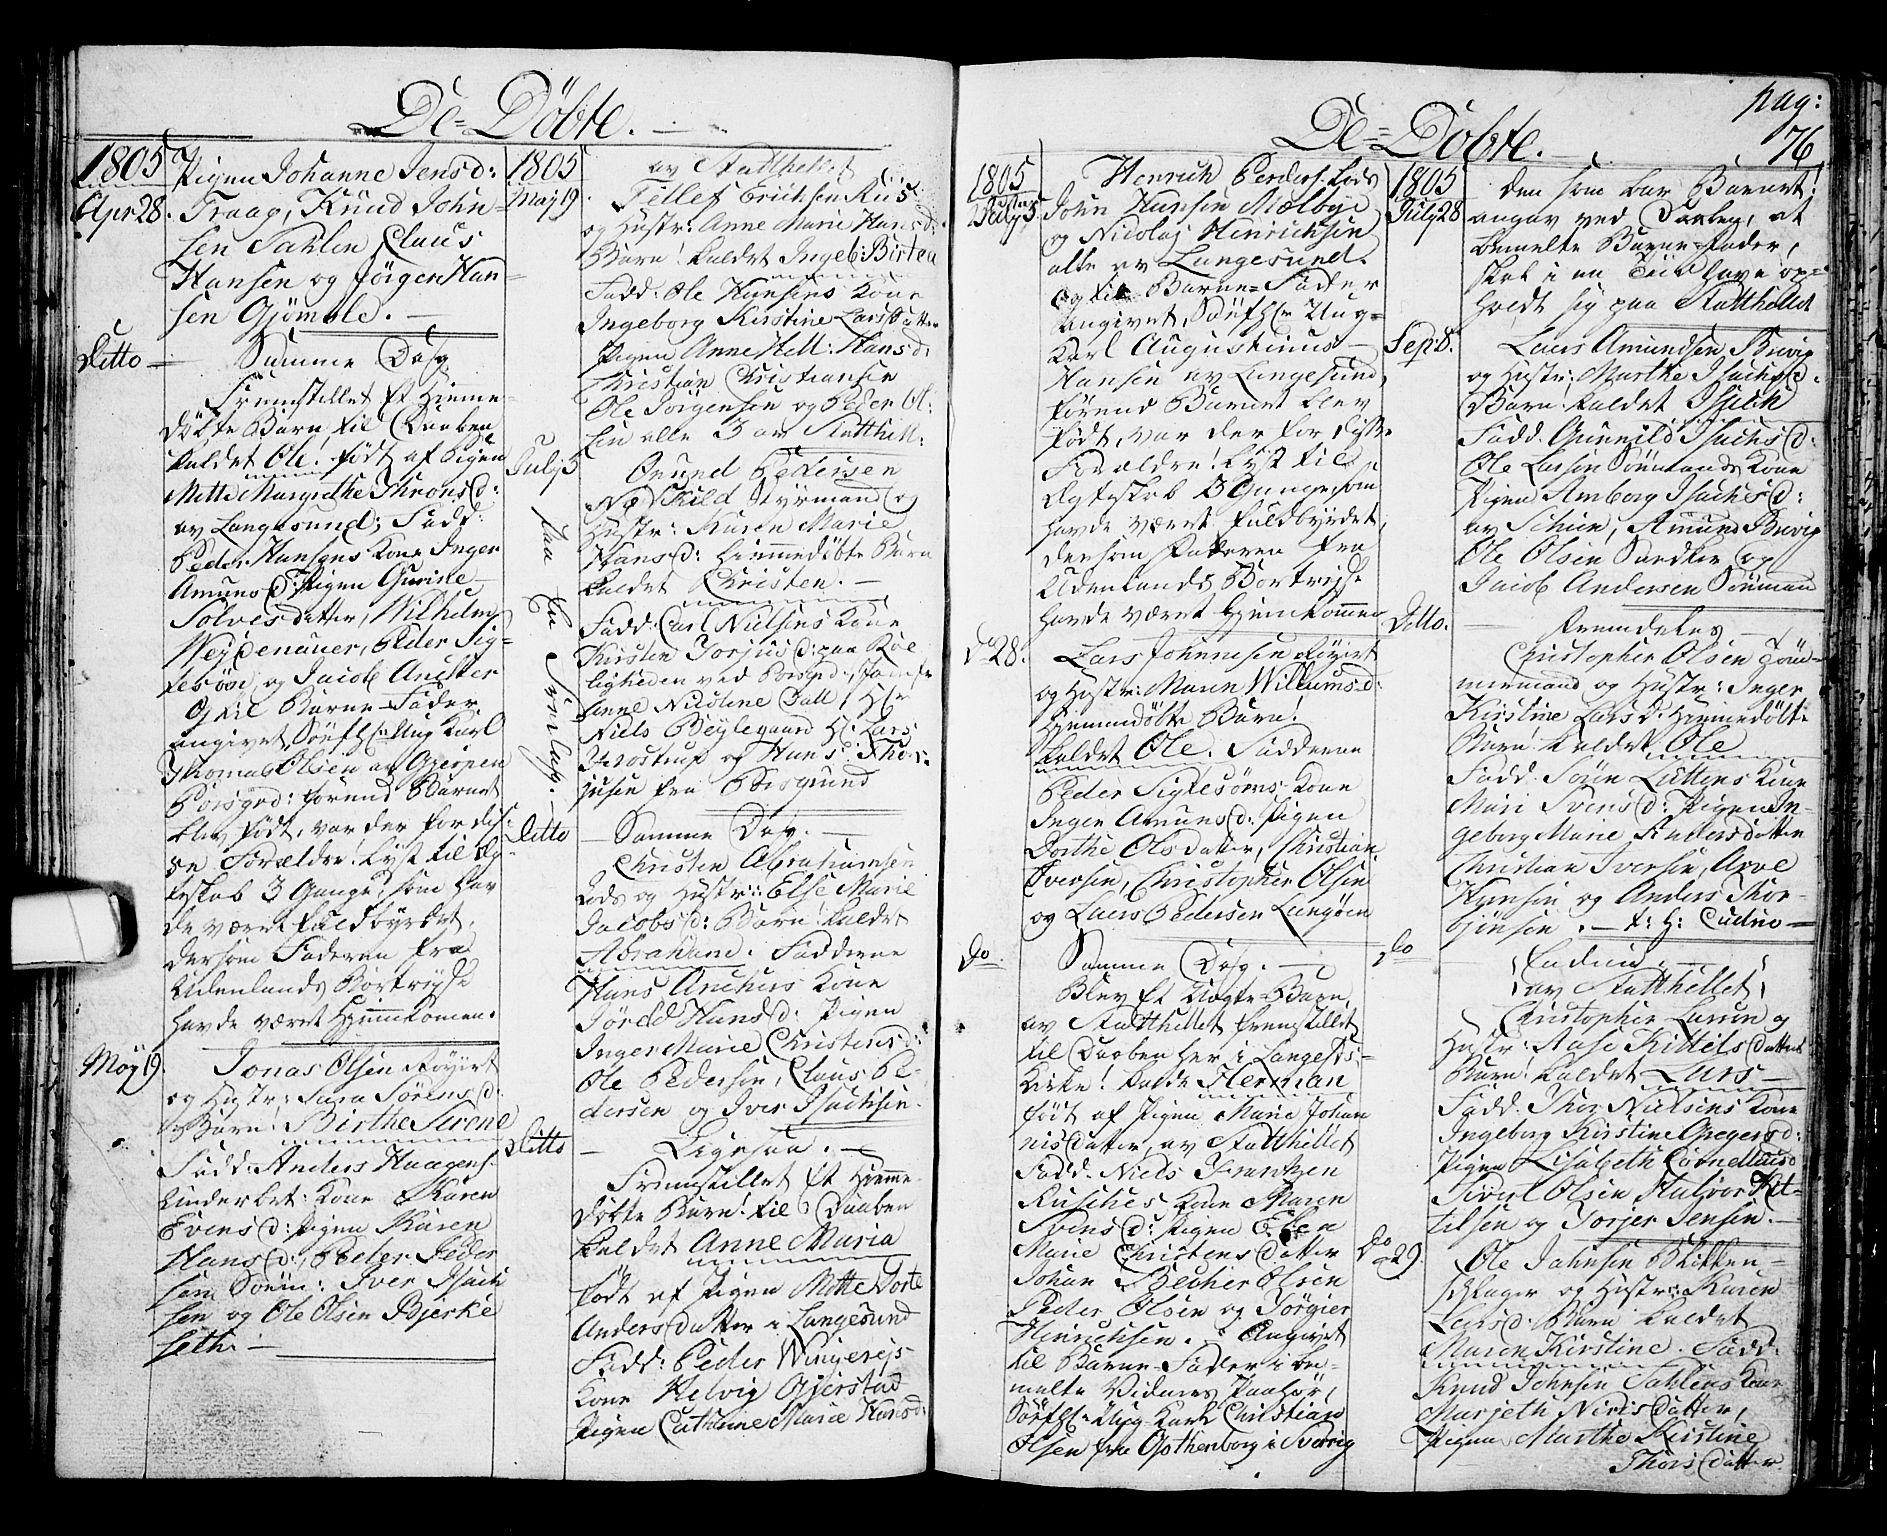 SAKO, Langesund kirkebøker, G/Ga/L0002: Klokkerbok nr. 2, 1801-1815, s. 76